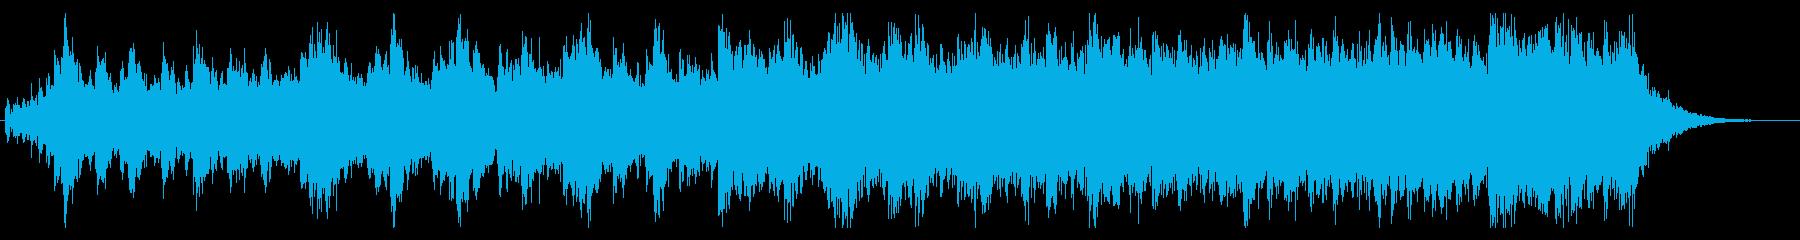 ★ややシリアスなEPICオーケストラ✡Dの再生済みの波形